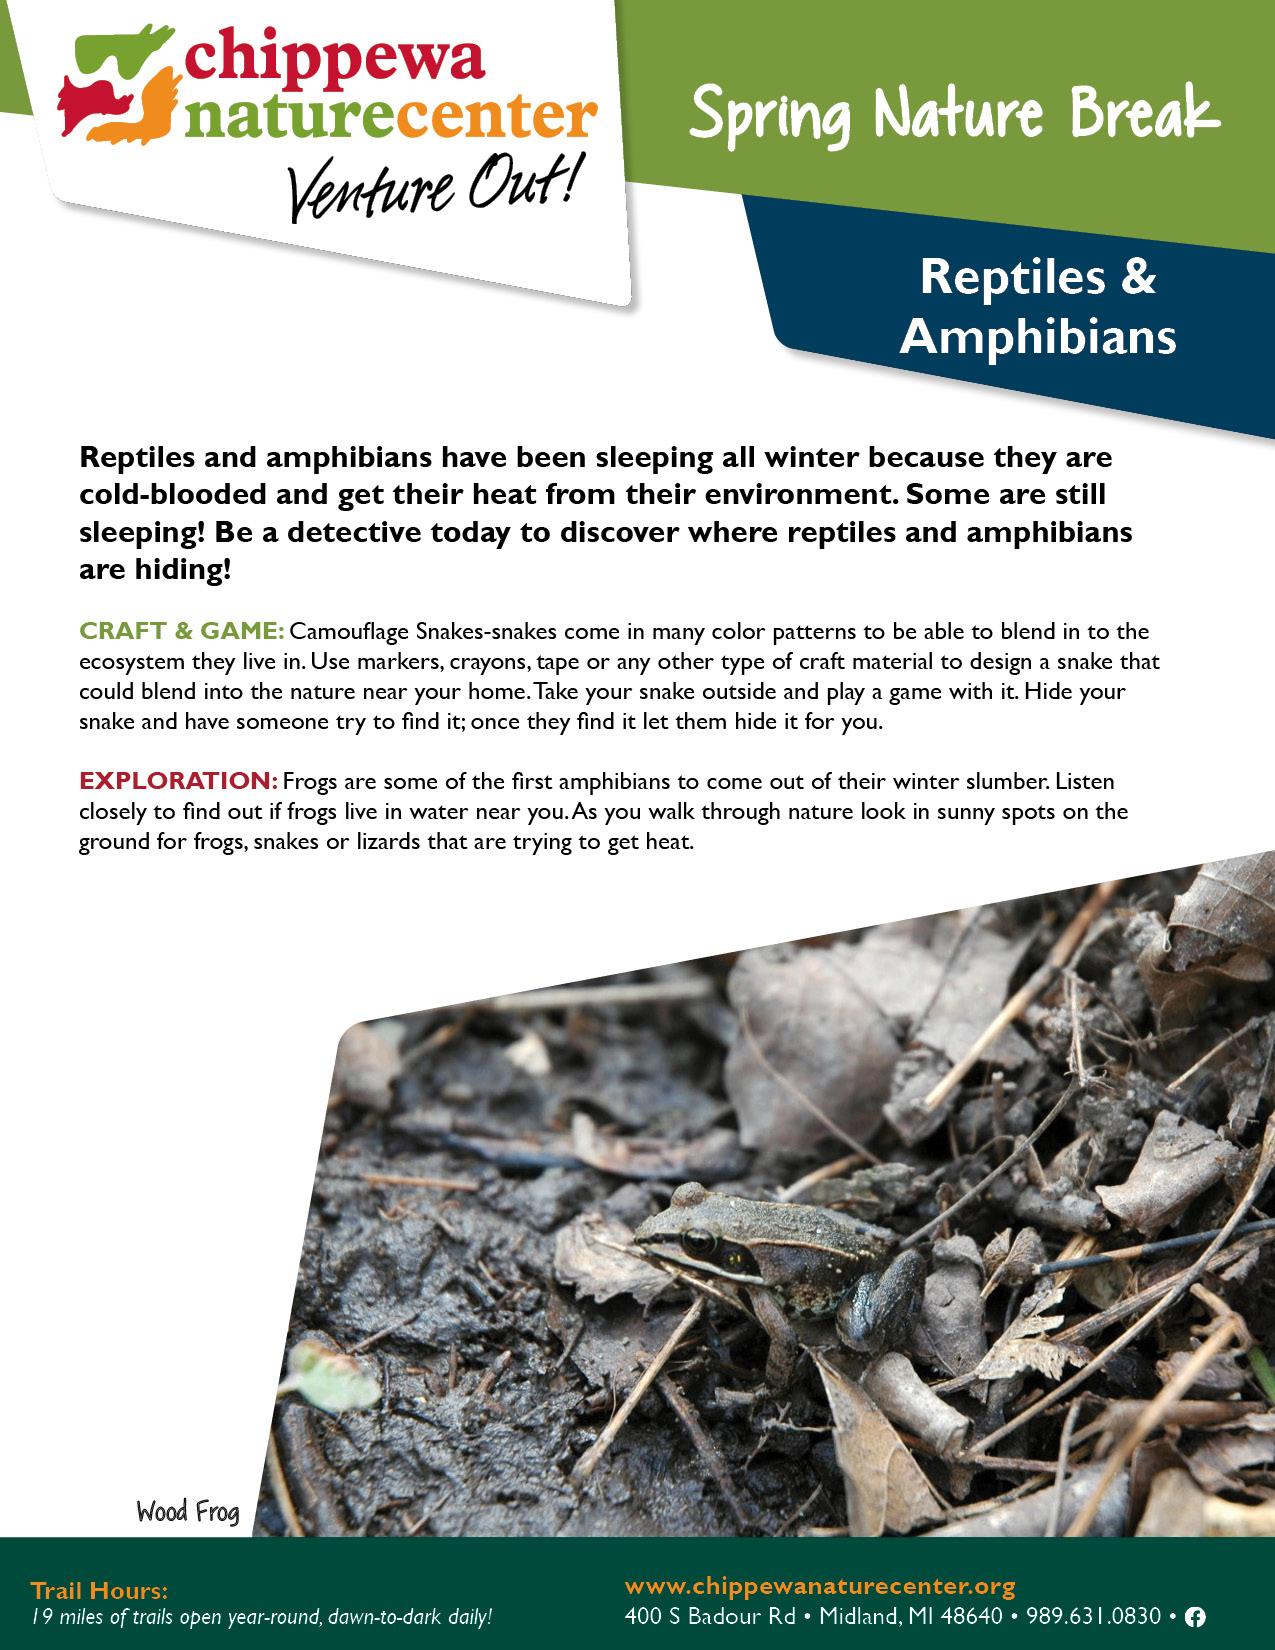 Spring Nature Break - Reptiles & Amphibians